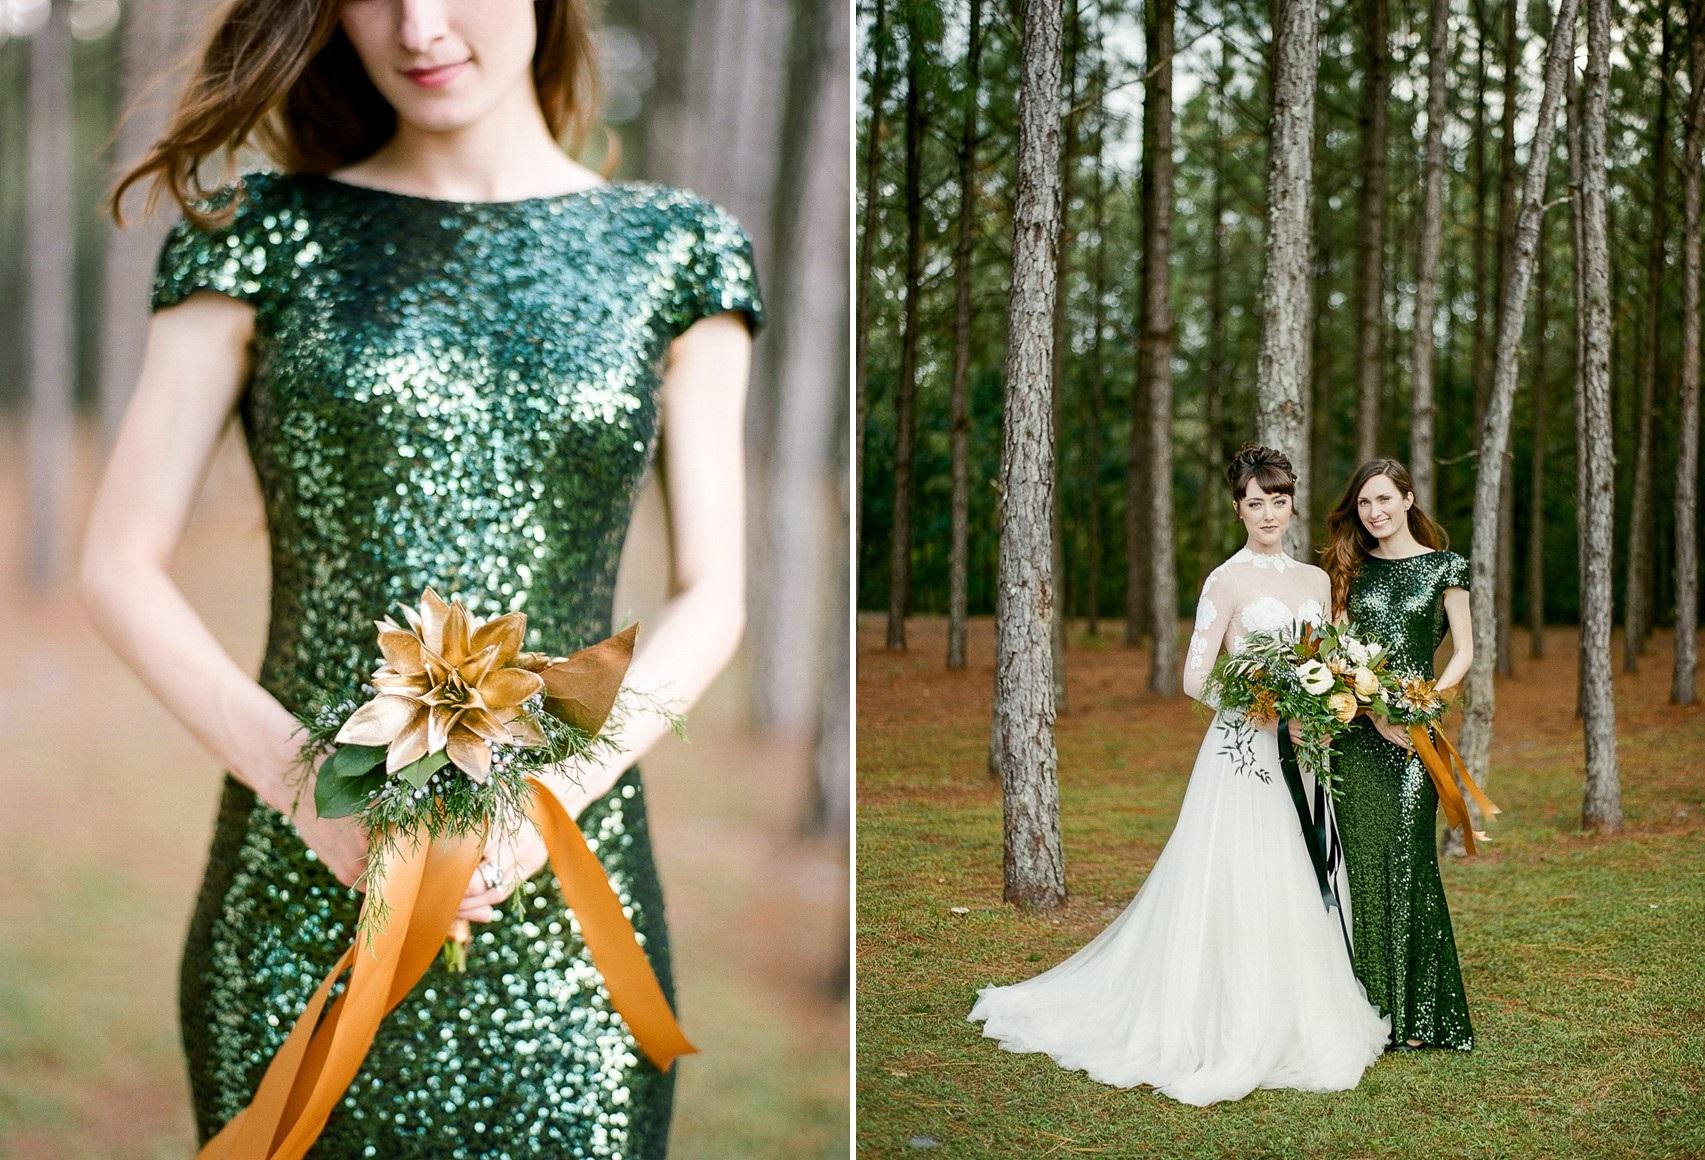 Emerald Green and Gold Holiday Wedding Bride & Bridesmaid